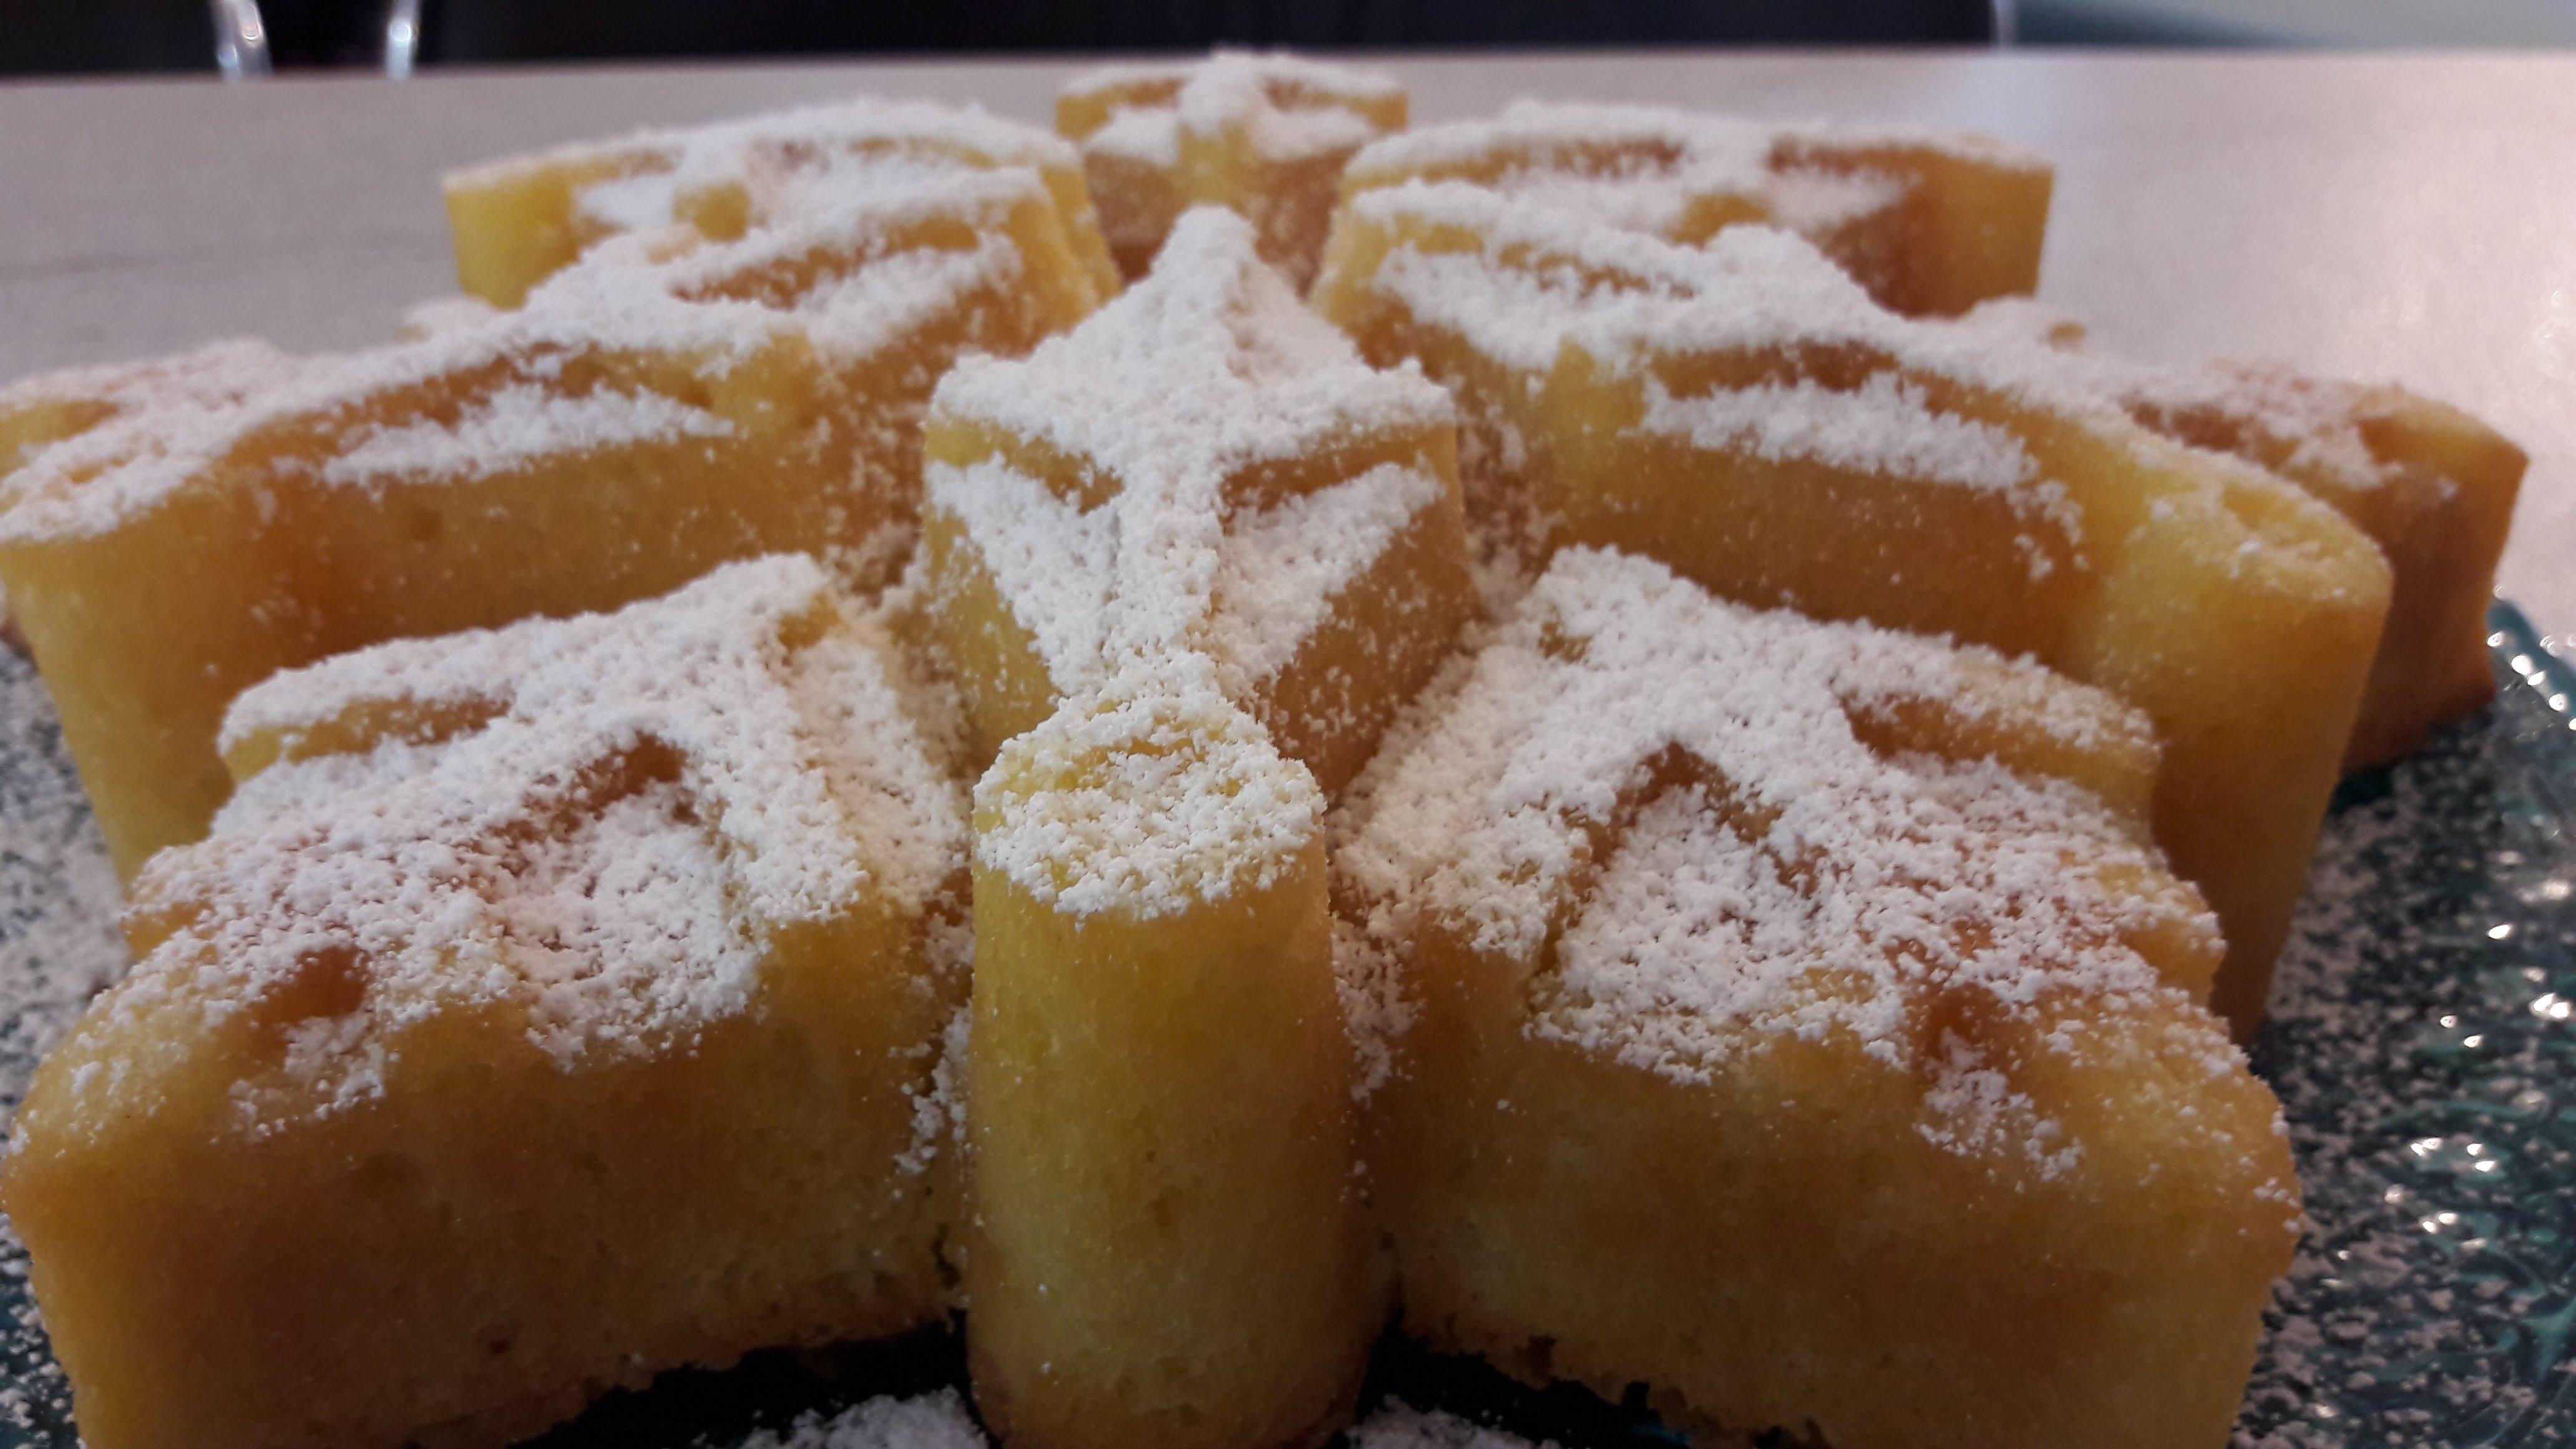 J'ai testé pour vous le Baking pan SNOWFLAKE de chez Nordic Ware